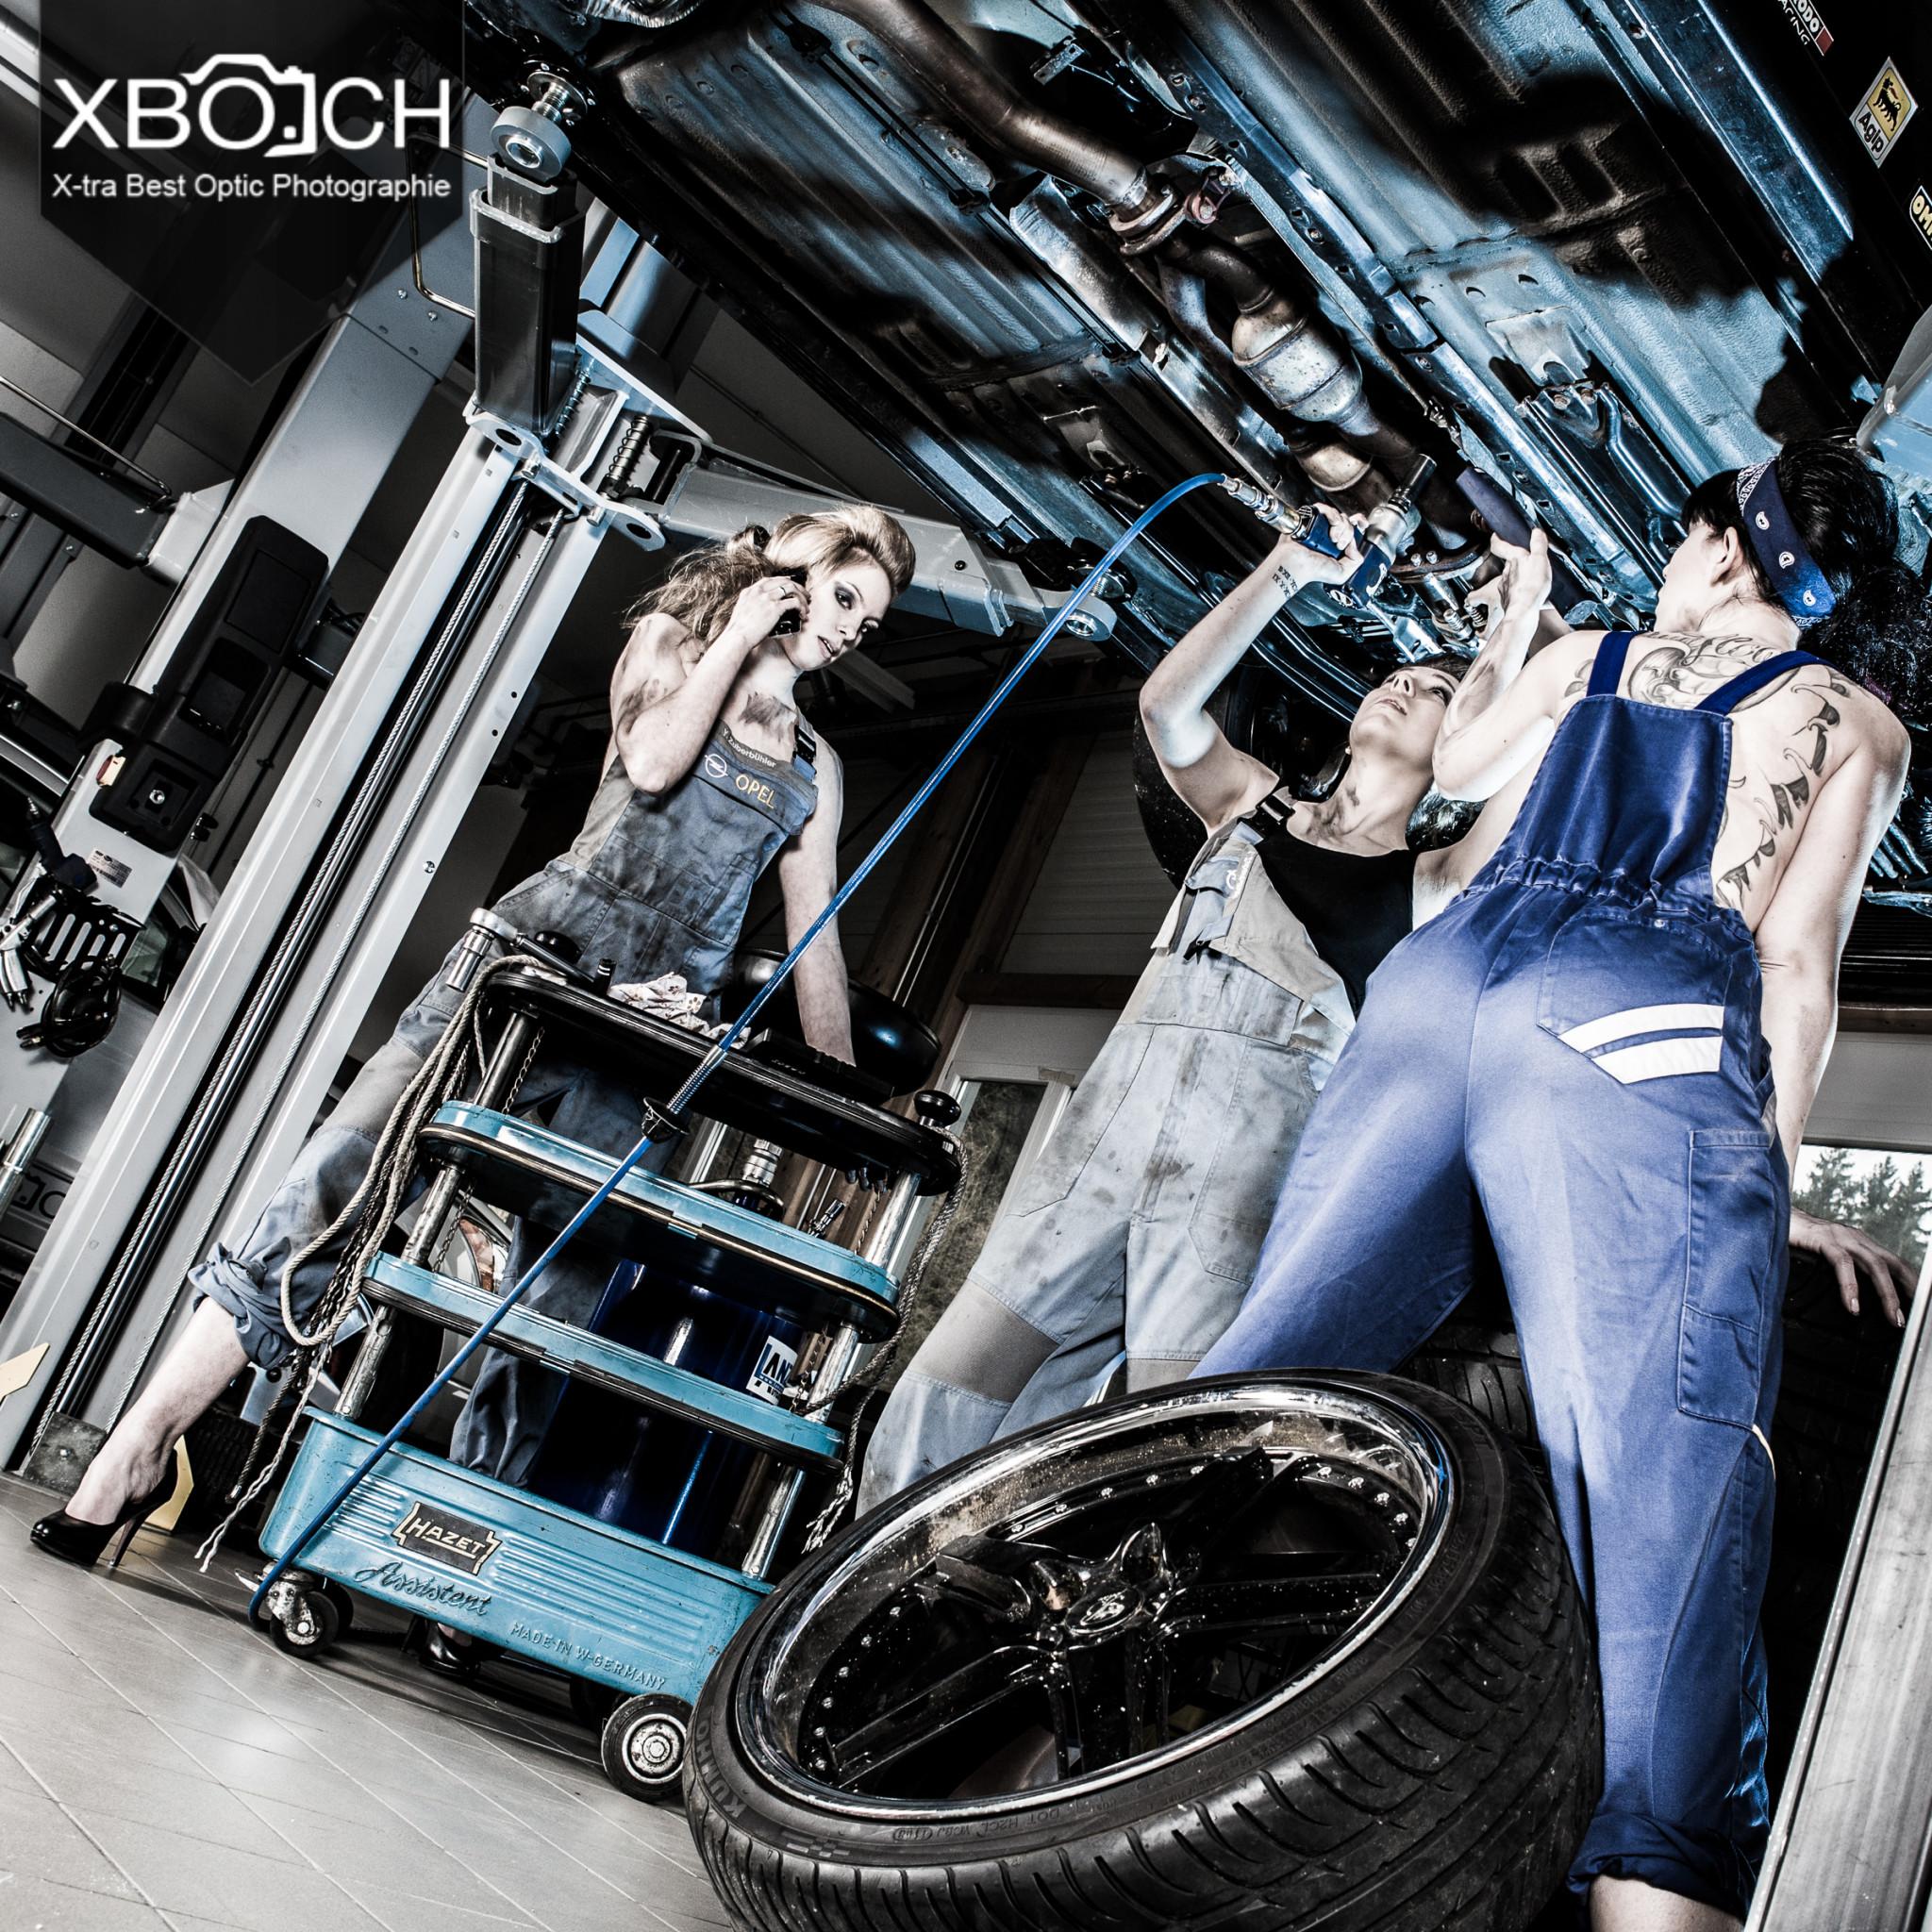 Shooting in Autogarage XBO.CH Fotografie (9 von 59)